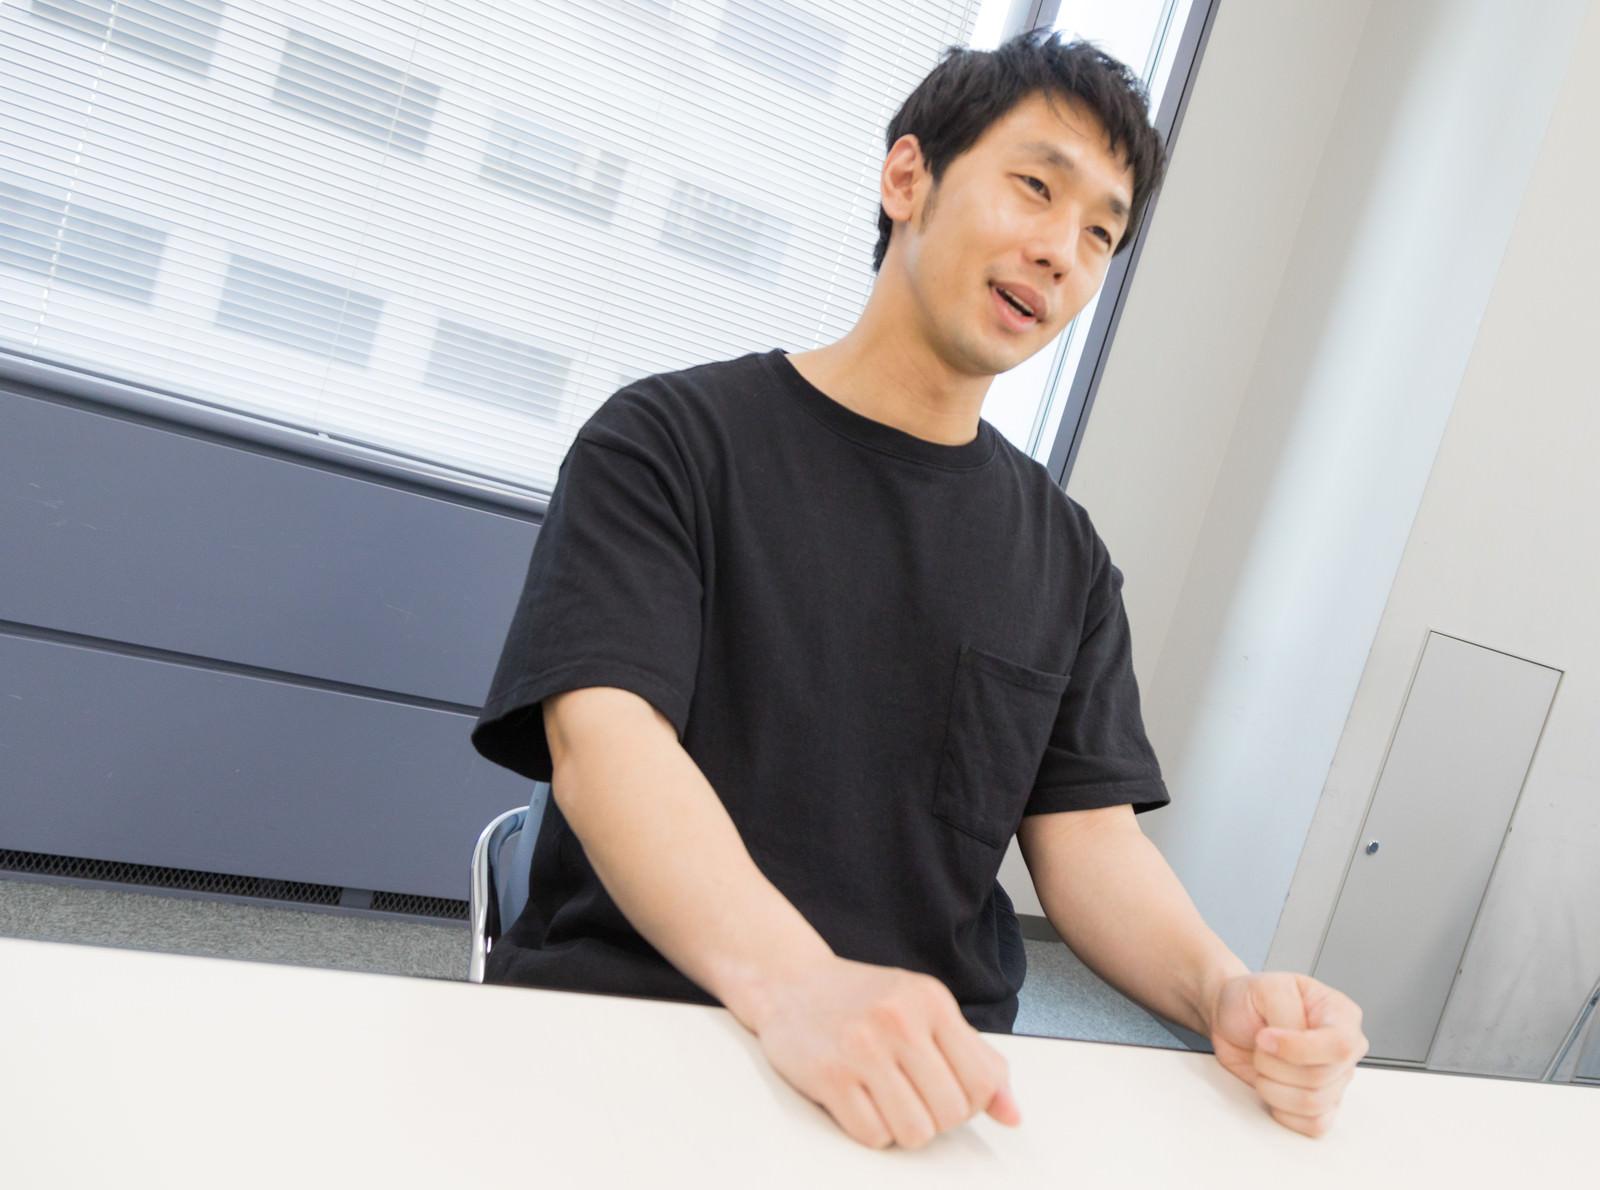 「好きなことで生きている動画投稿者へのインタビュー」の写真[モデル:大川竜弥]